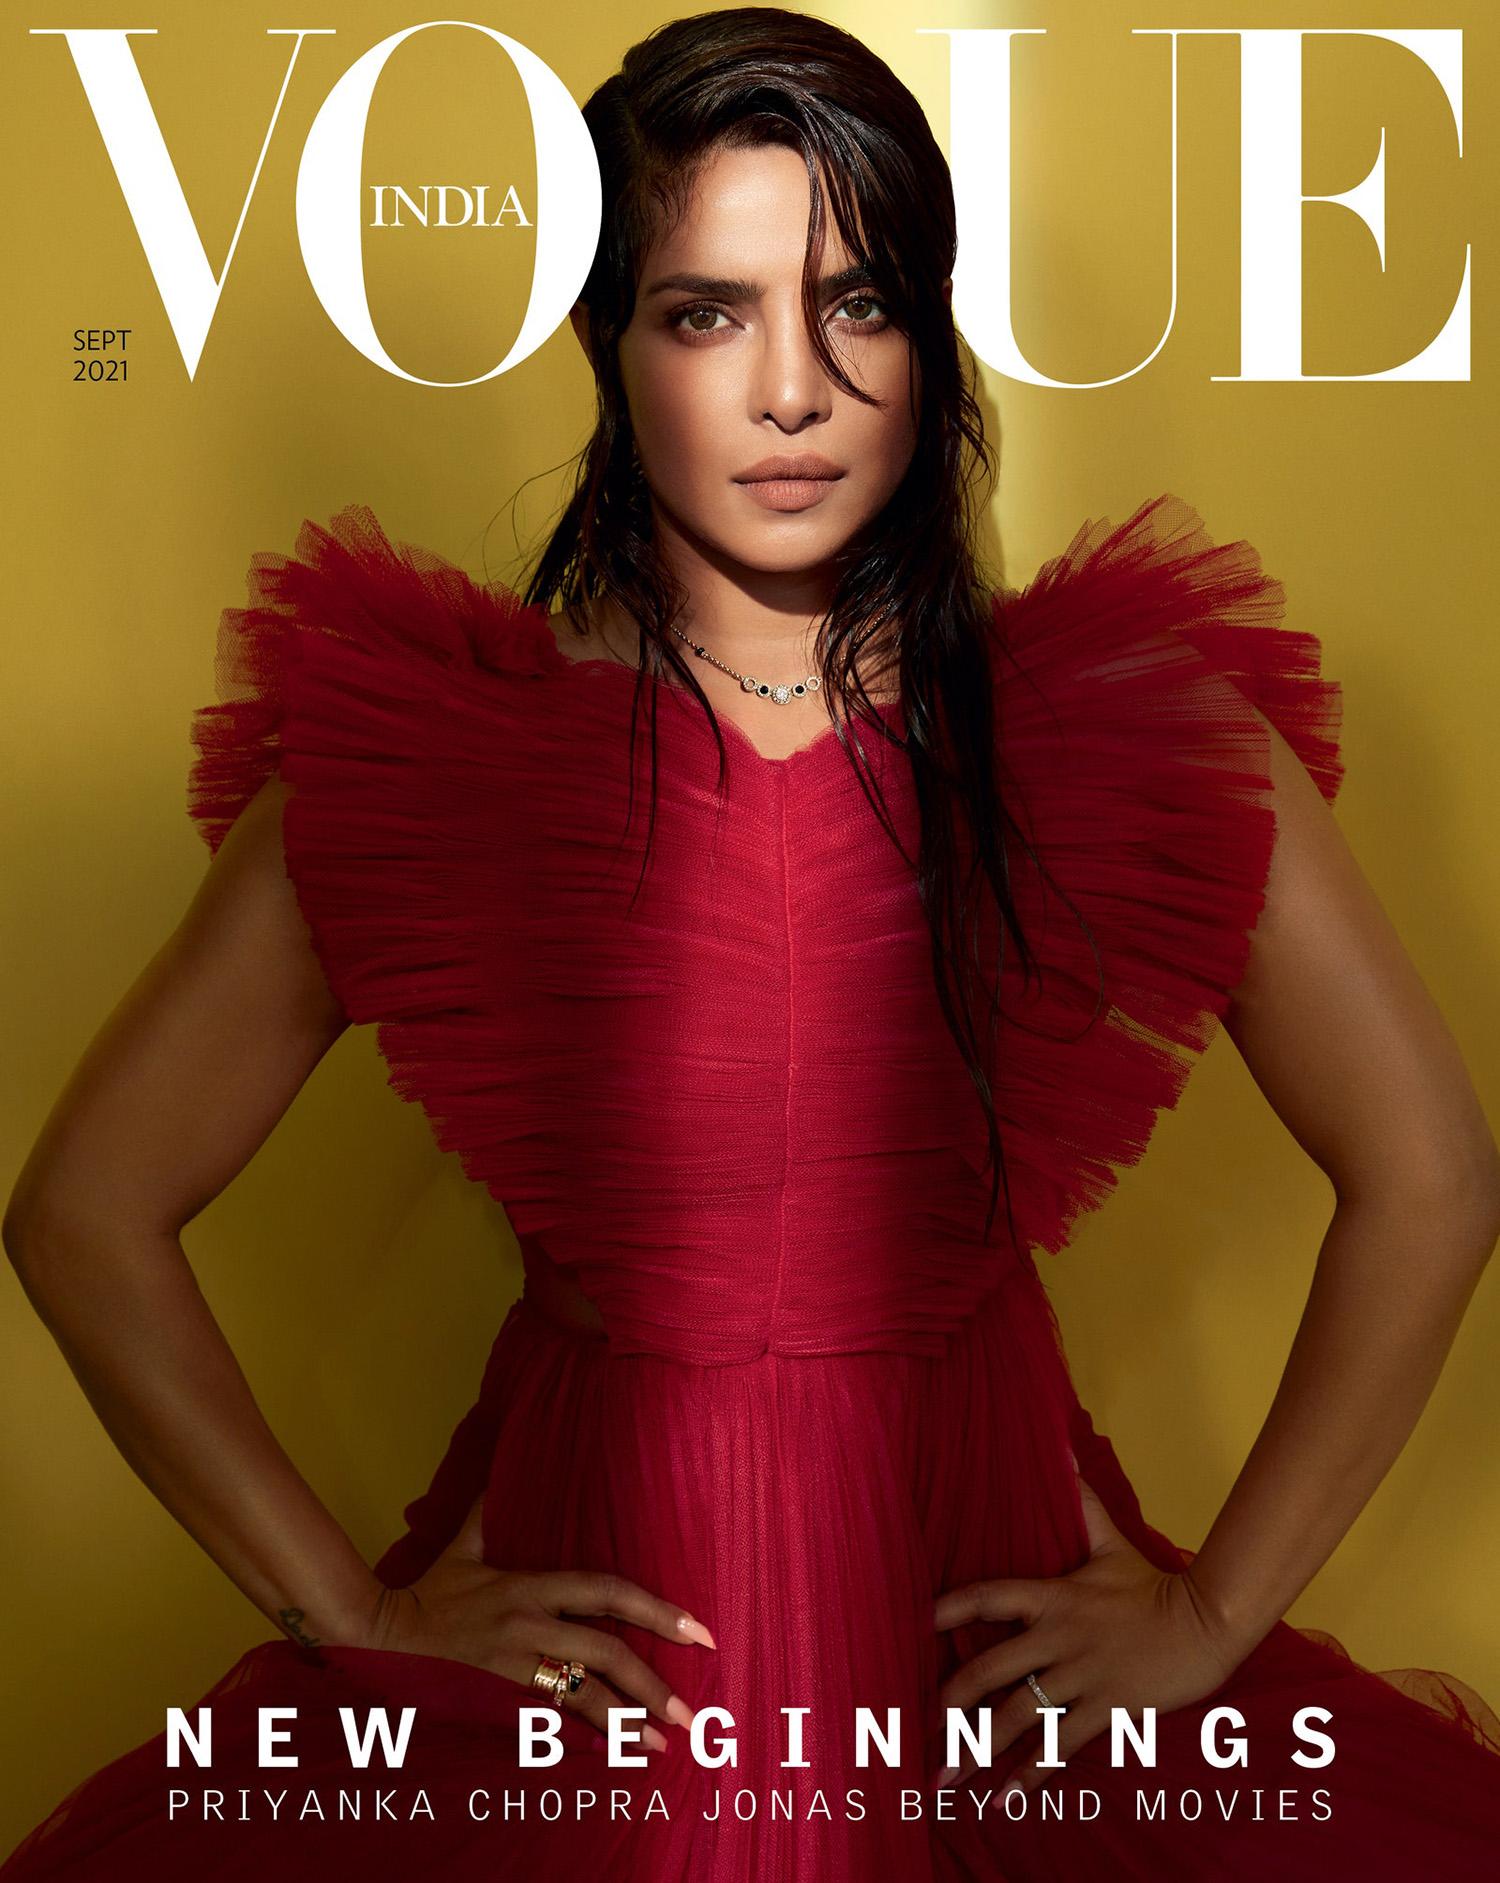 Priyanka Chopra covers Vogue India September 2021 by Sølve Sundsbø